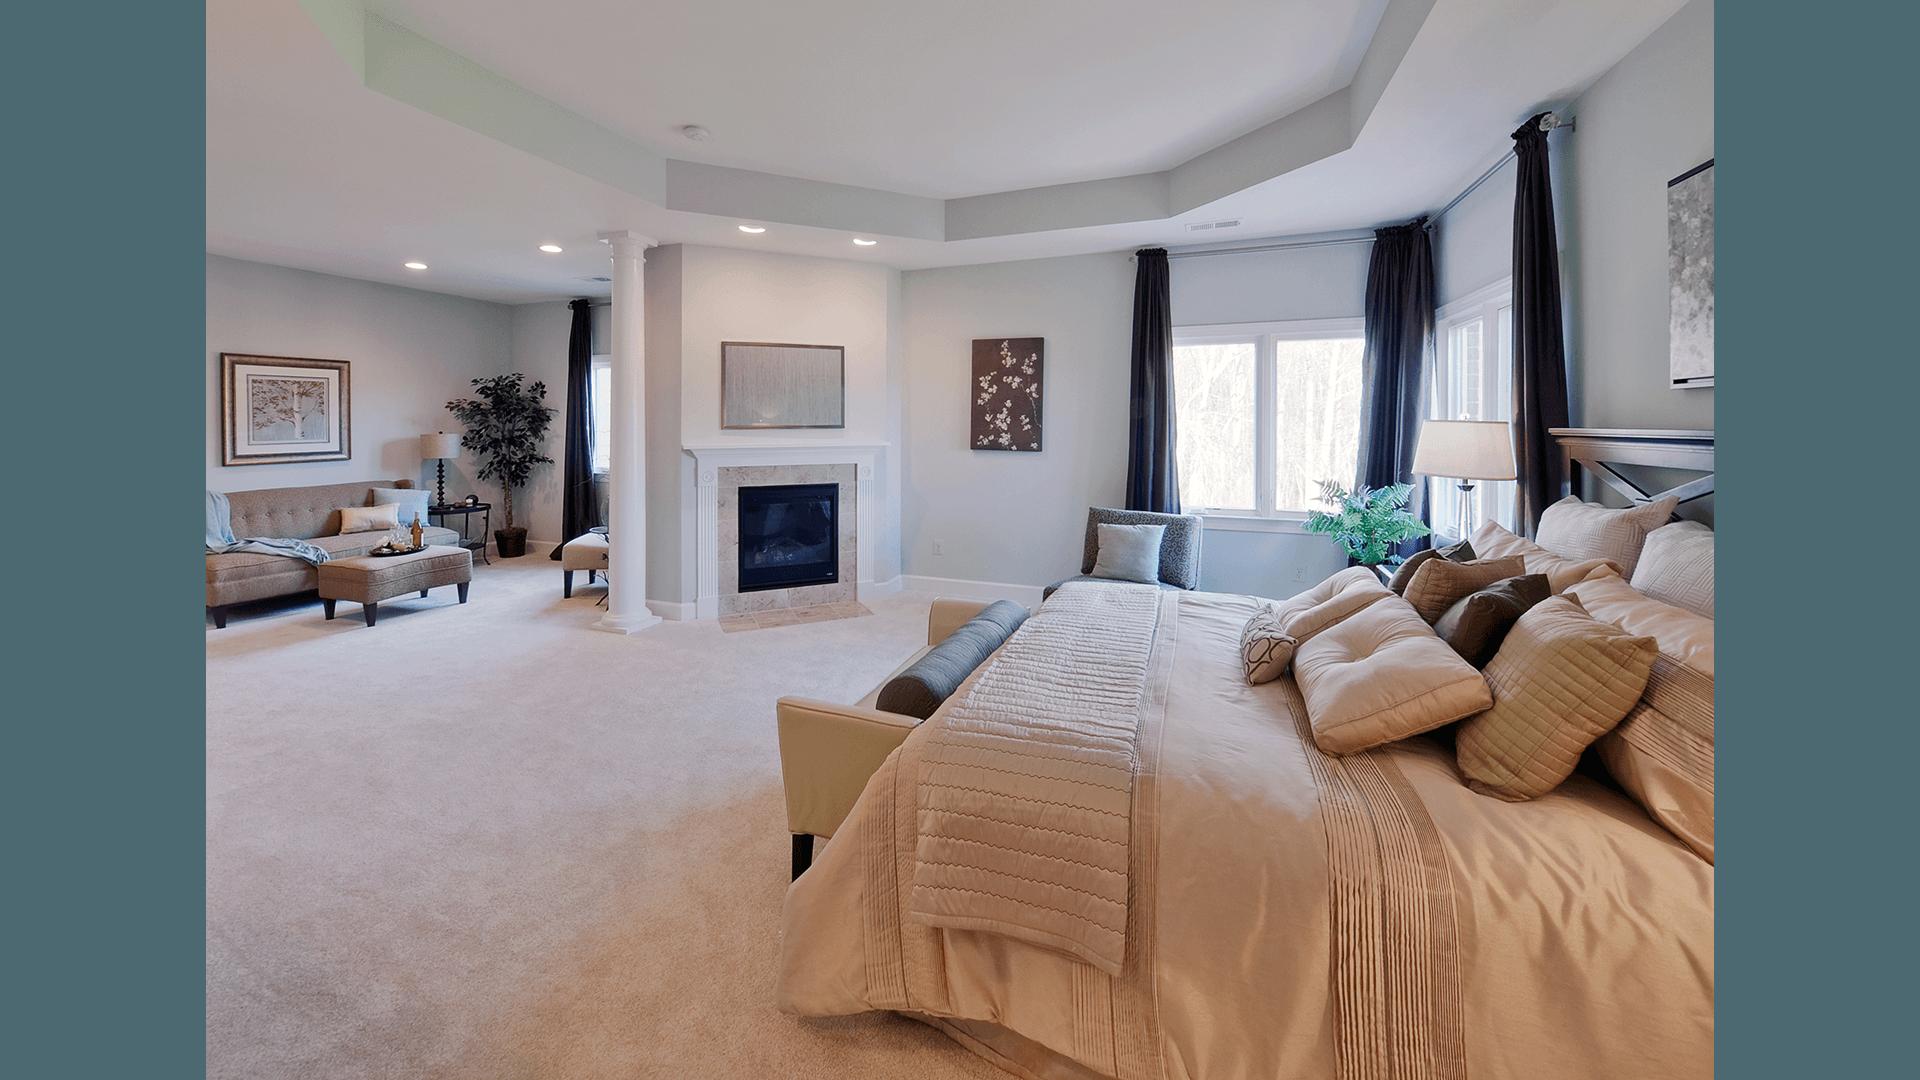 Grovemont Winthrop - Owner's Bedroom